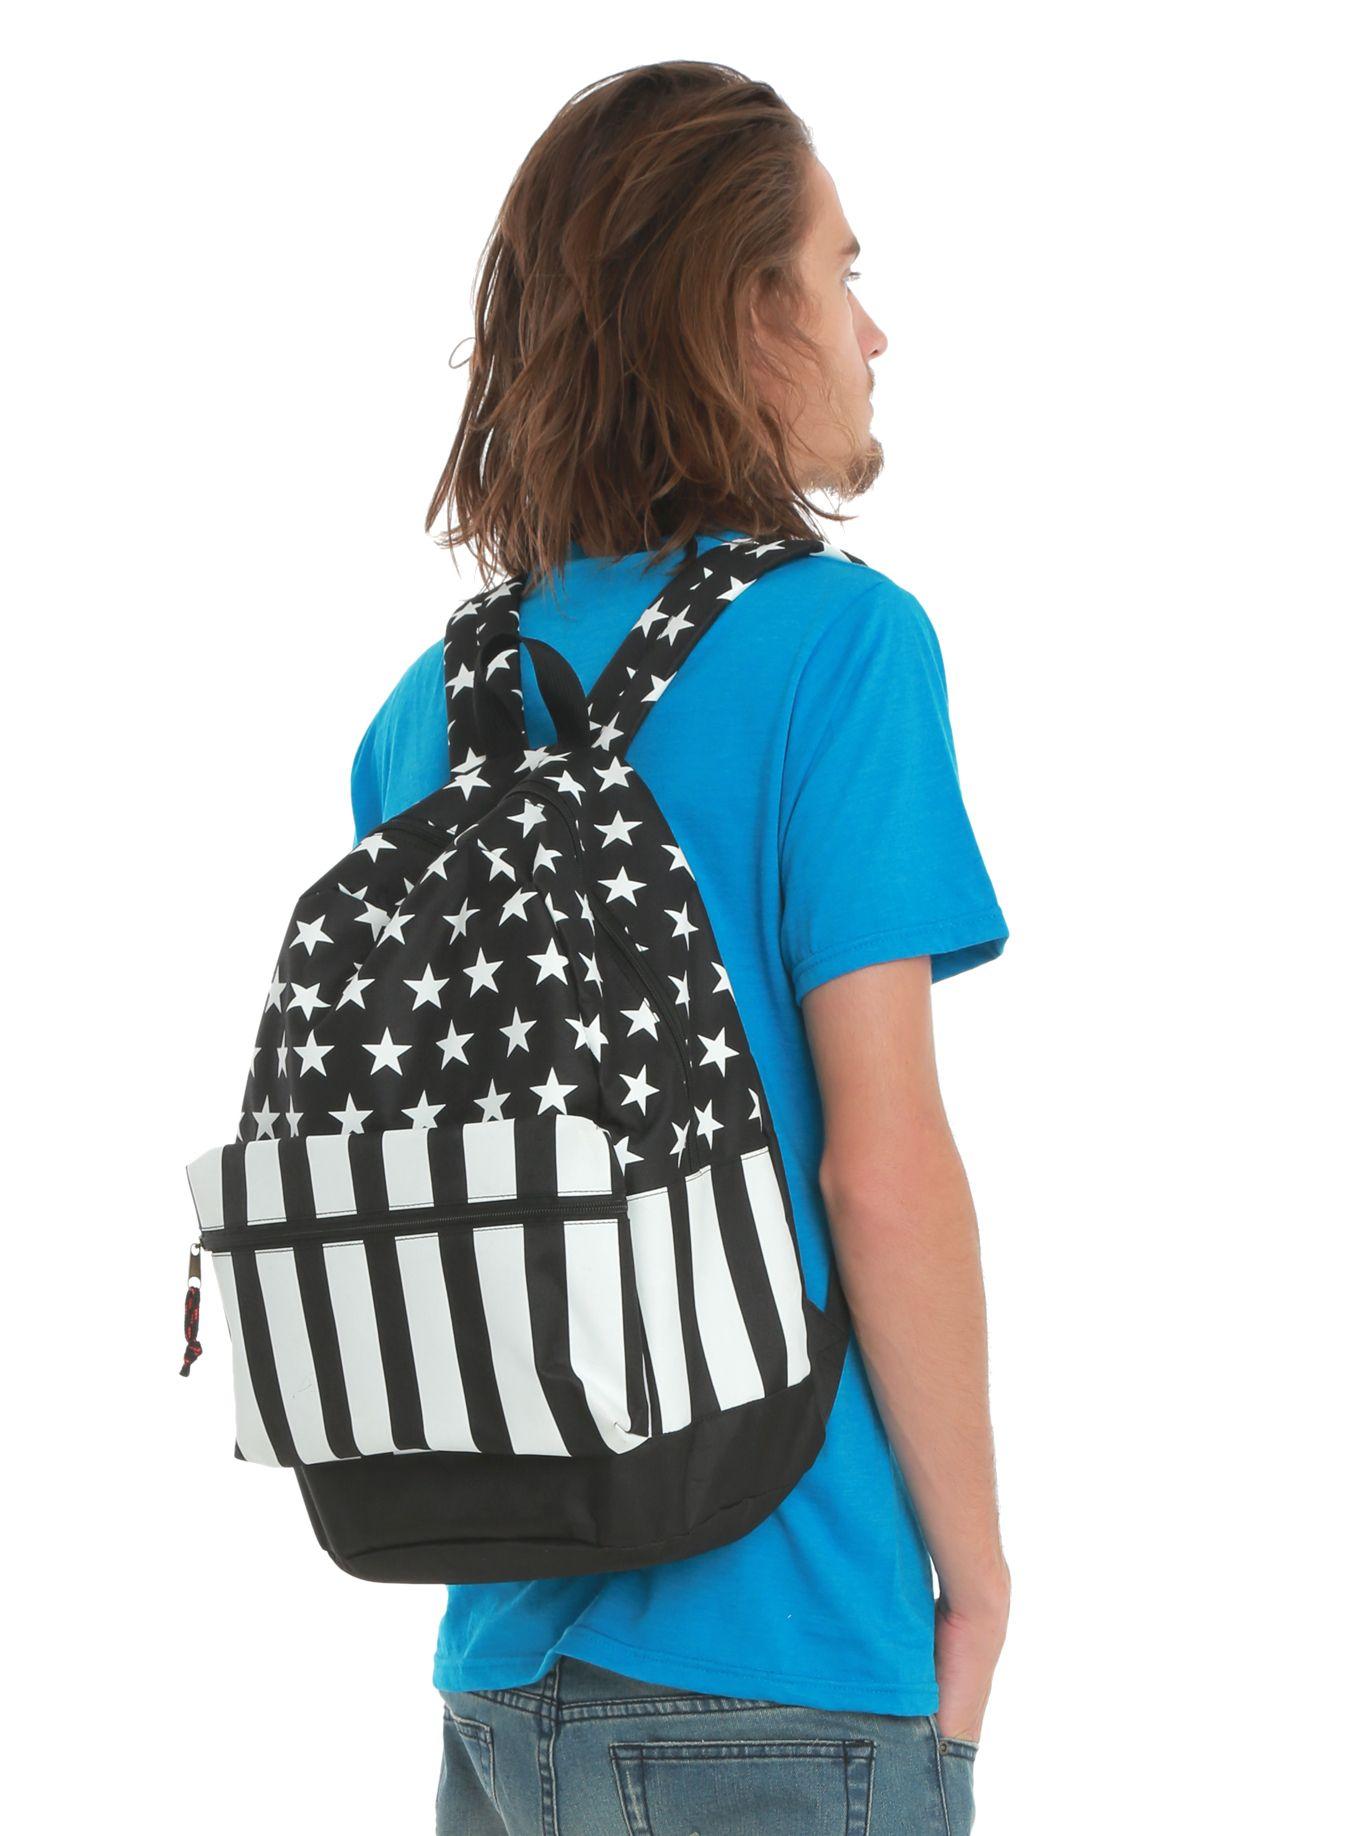 Black & White Americana Backpack | Hot Topic